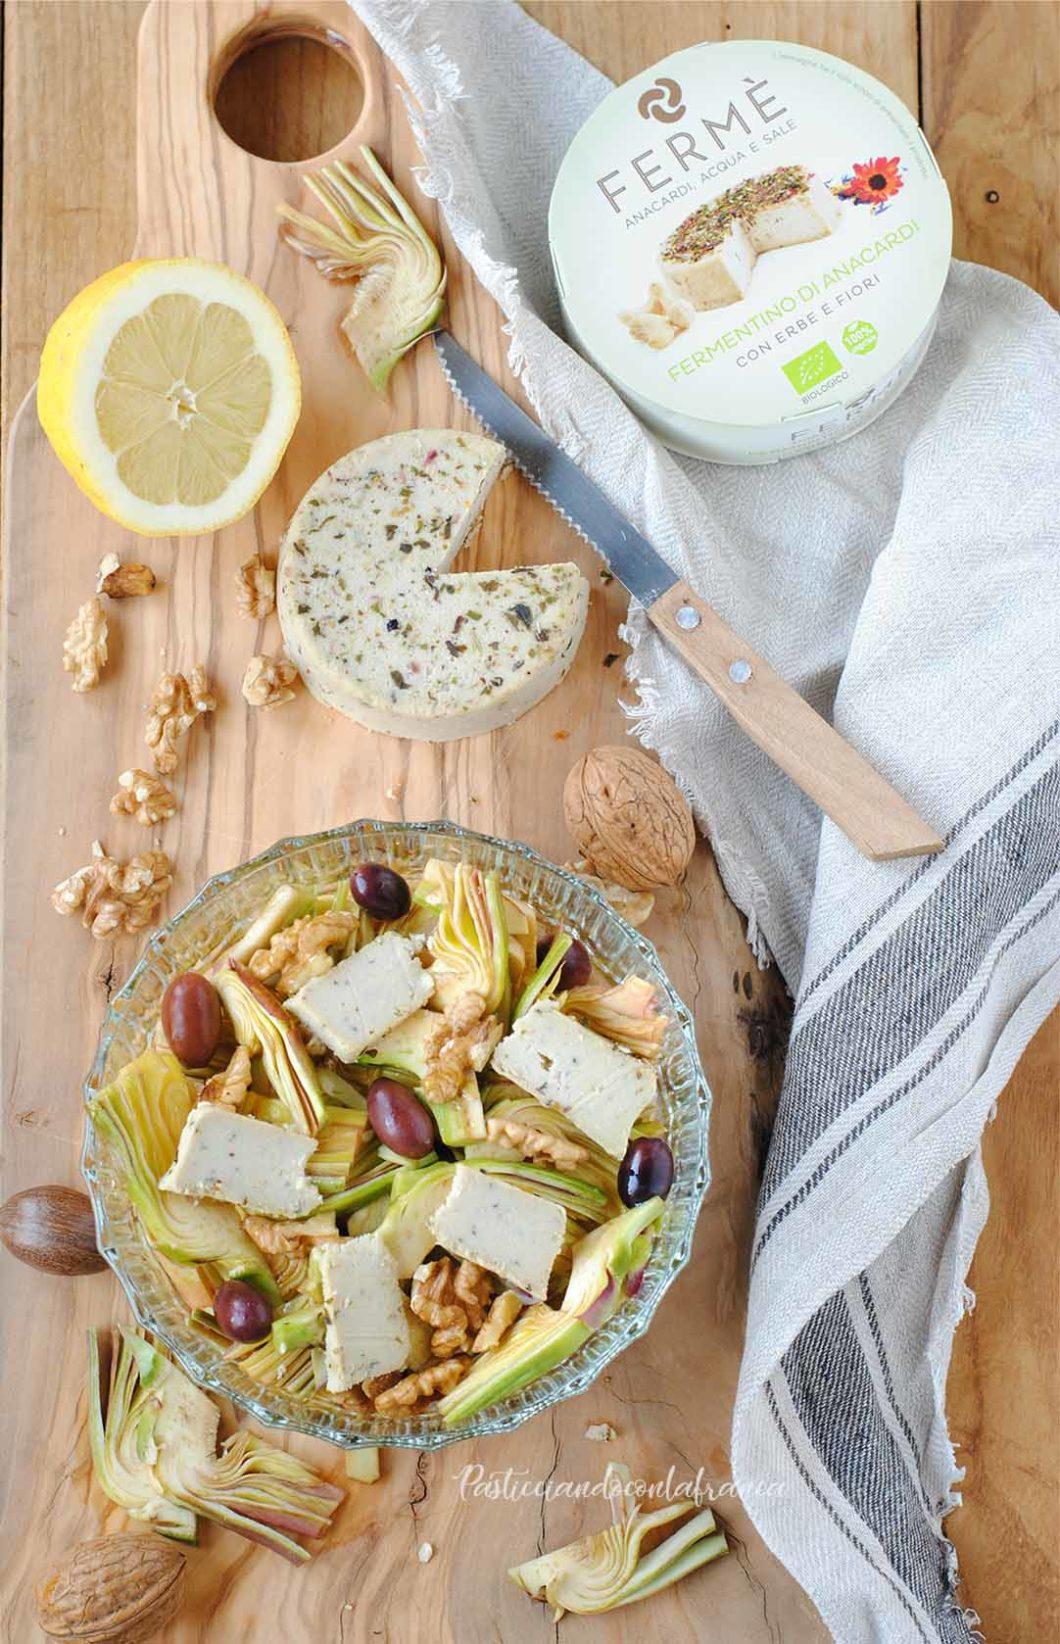 questa immagine rappresenta insalata di carciofi con noci e fermentino ricetta di pasticciandoconlafranca